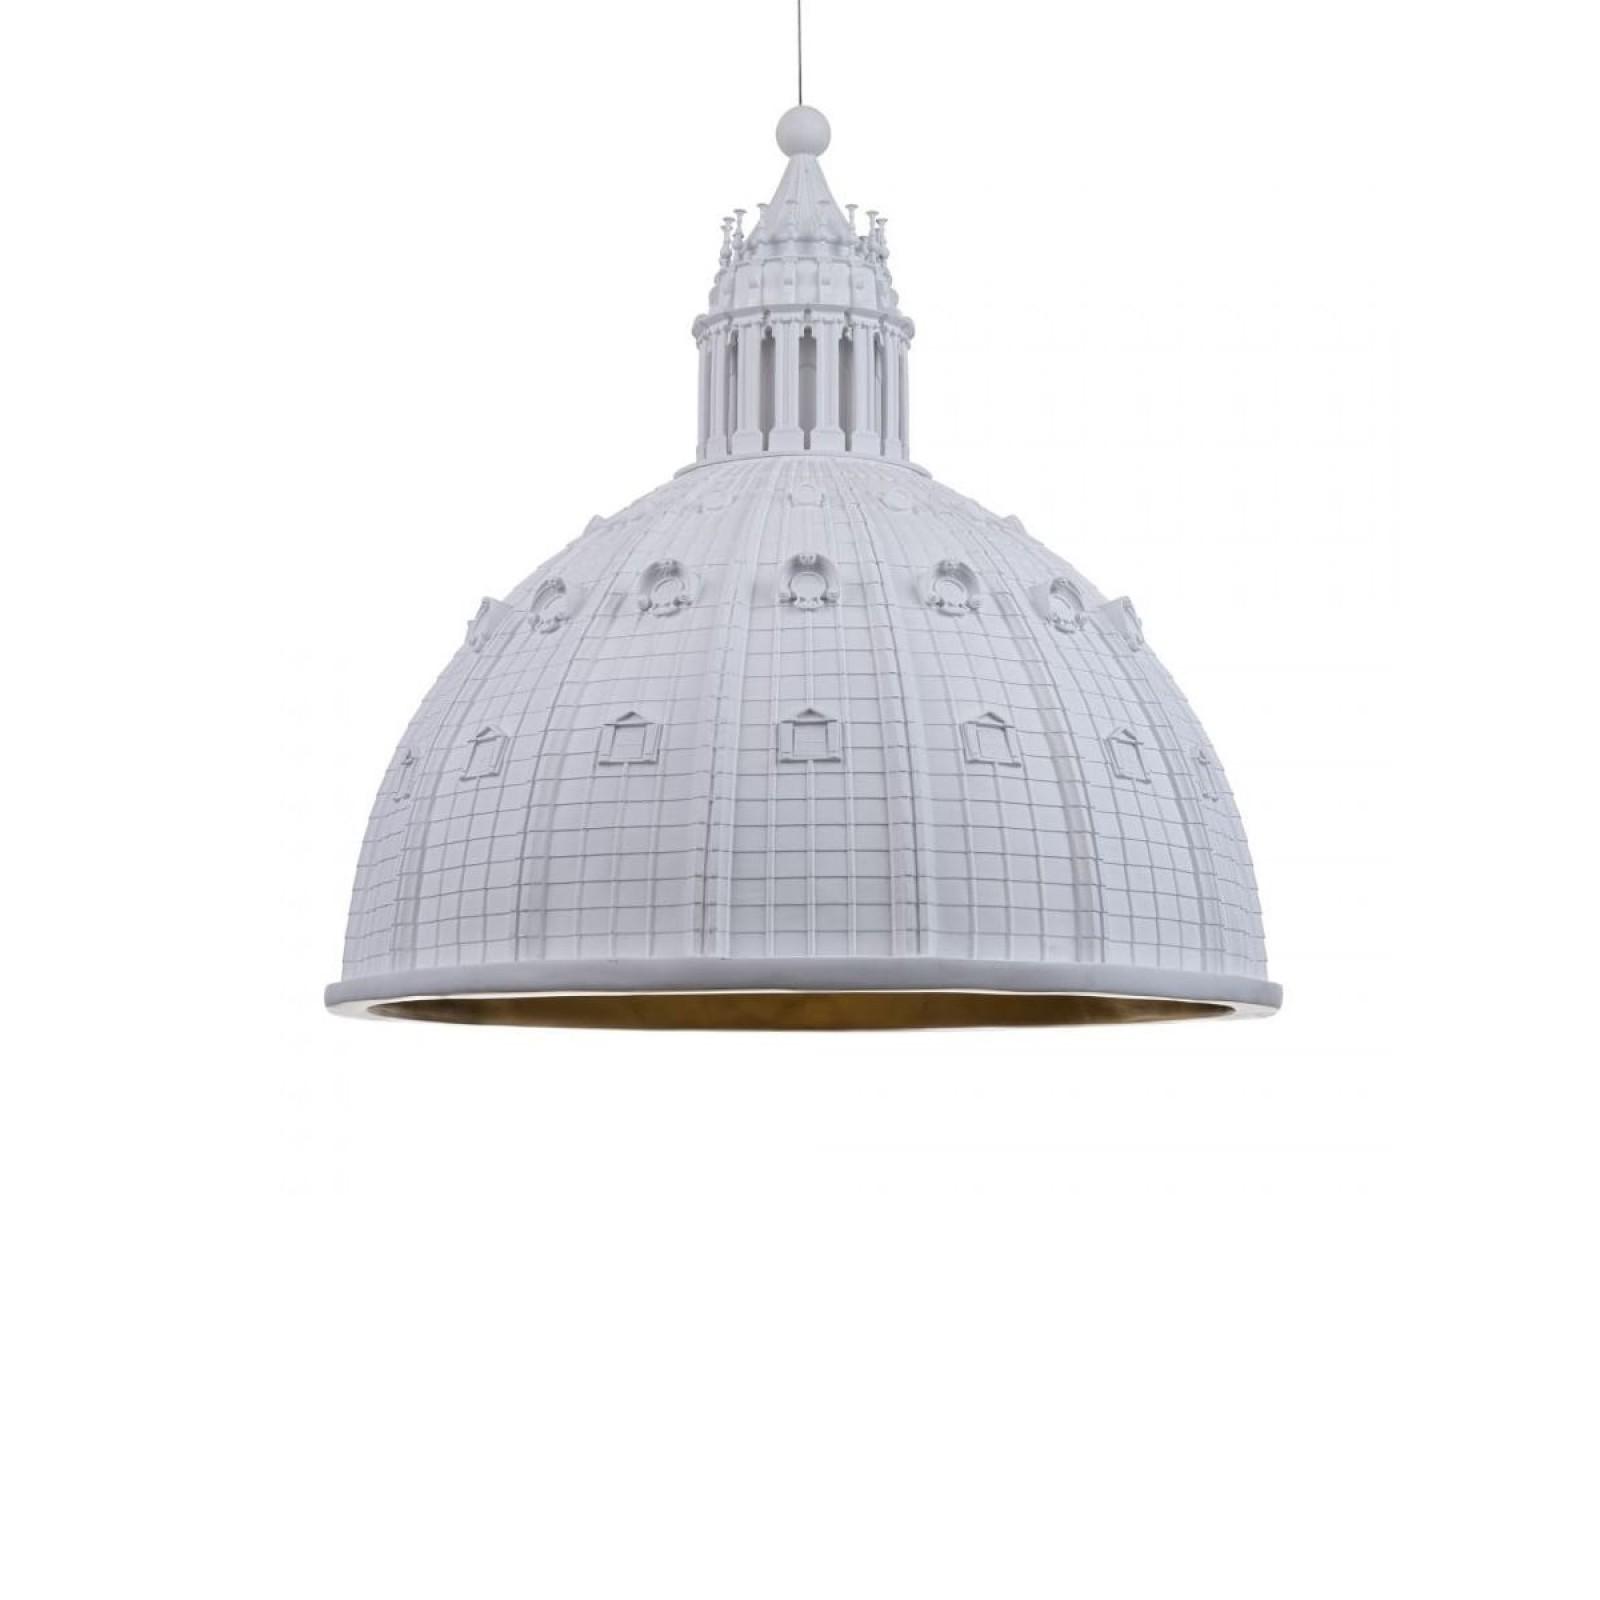 Κρεμαστό Φωτιστικό Οροφής Cupolone Quarantacinque (Λευκό) - Seletti